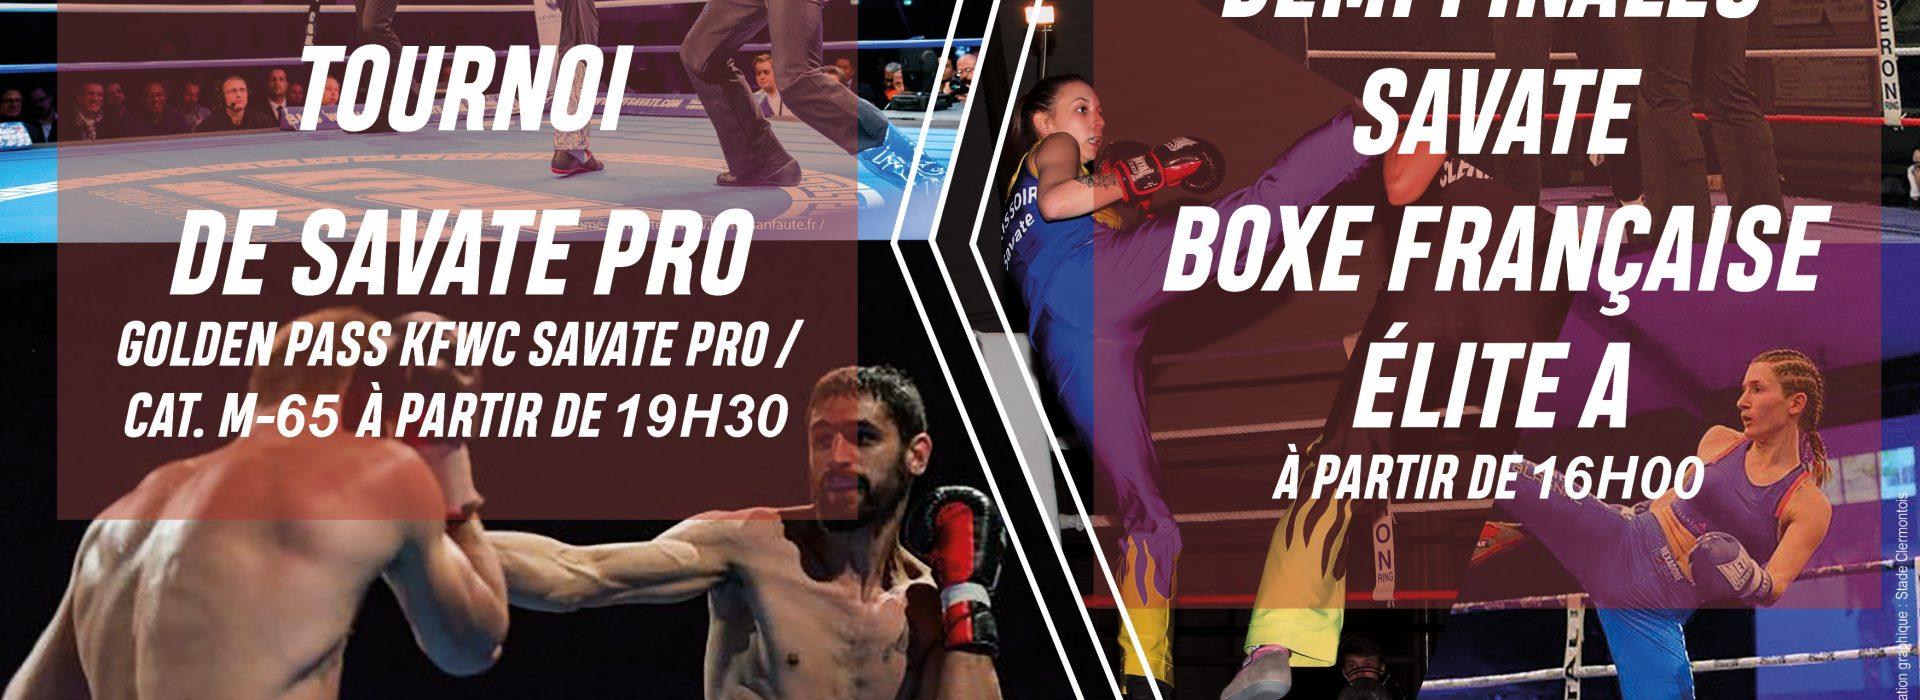 1/2 Finale savate boxe Française Elite A + 3 combats Savate pro en soirée